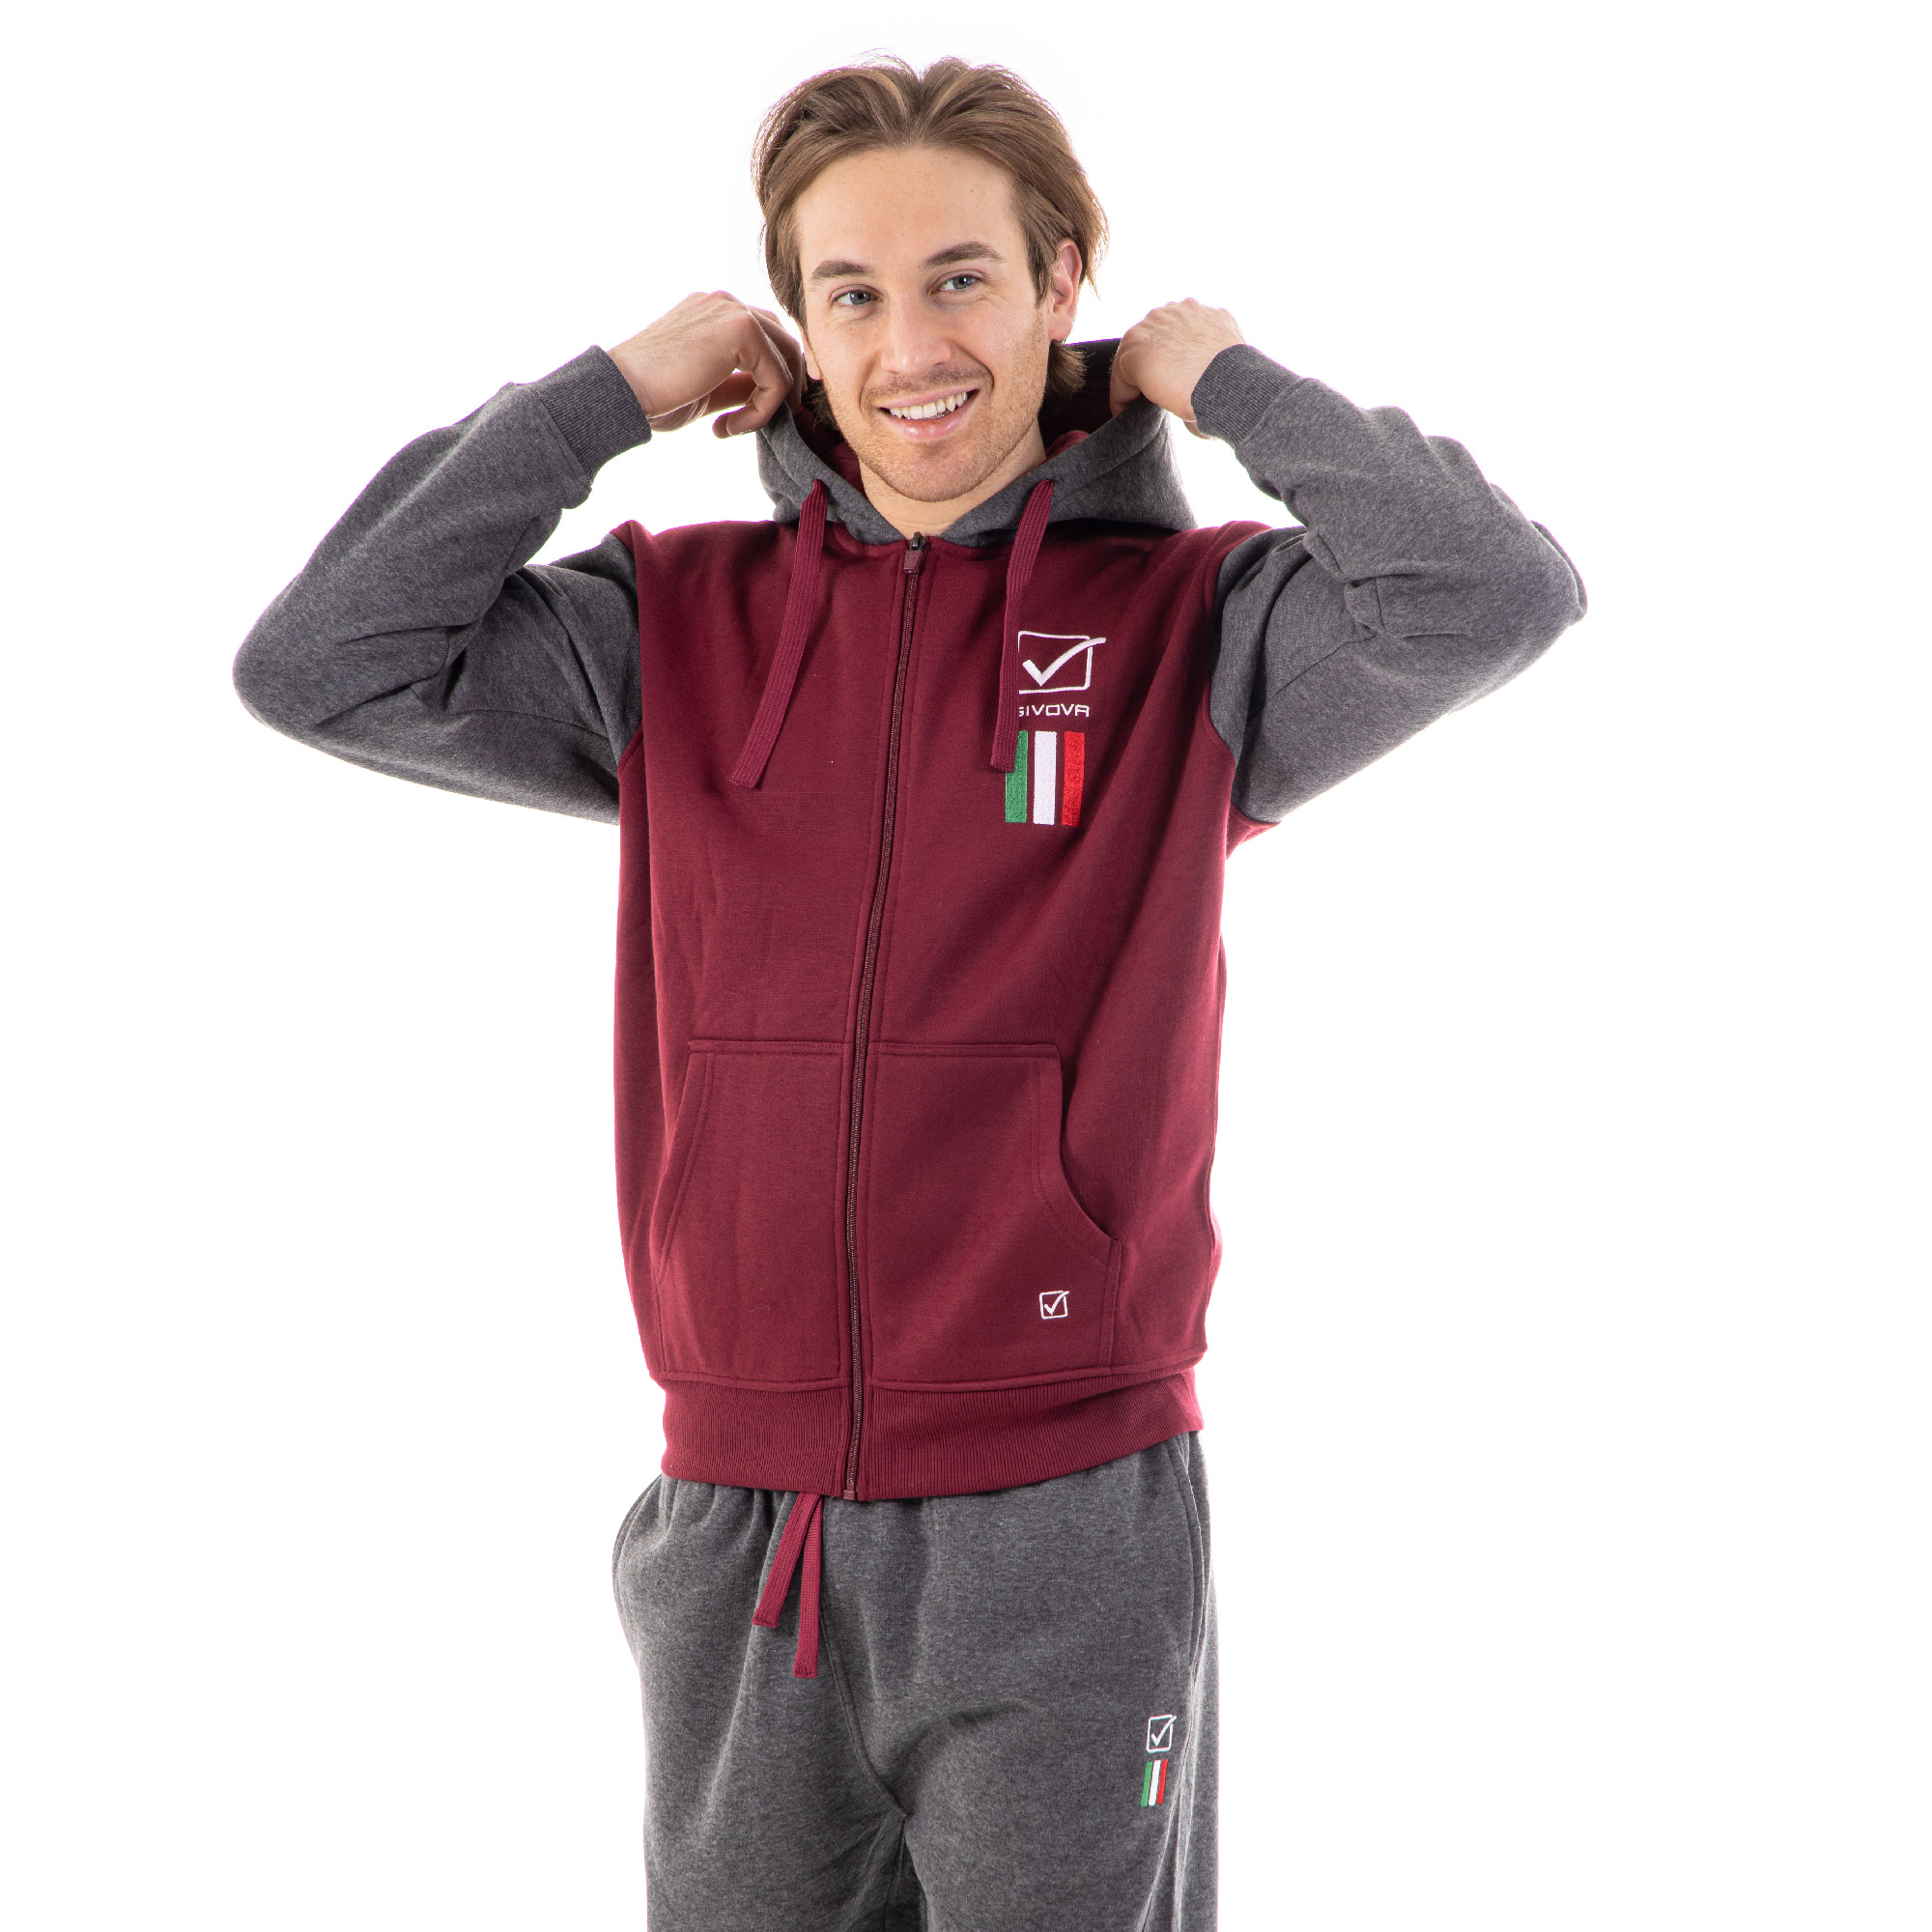 Trening sport TUTA ITALIA 101 con cappuccio UOMO IN FELPA Givova visiniu gri inchis